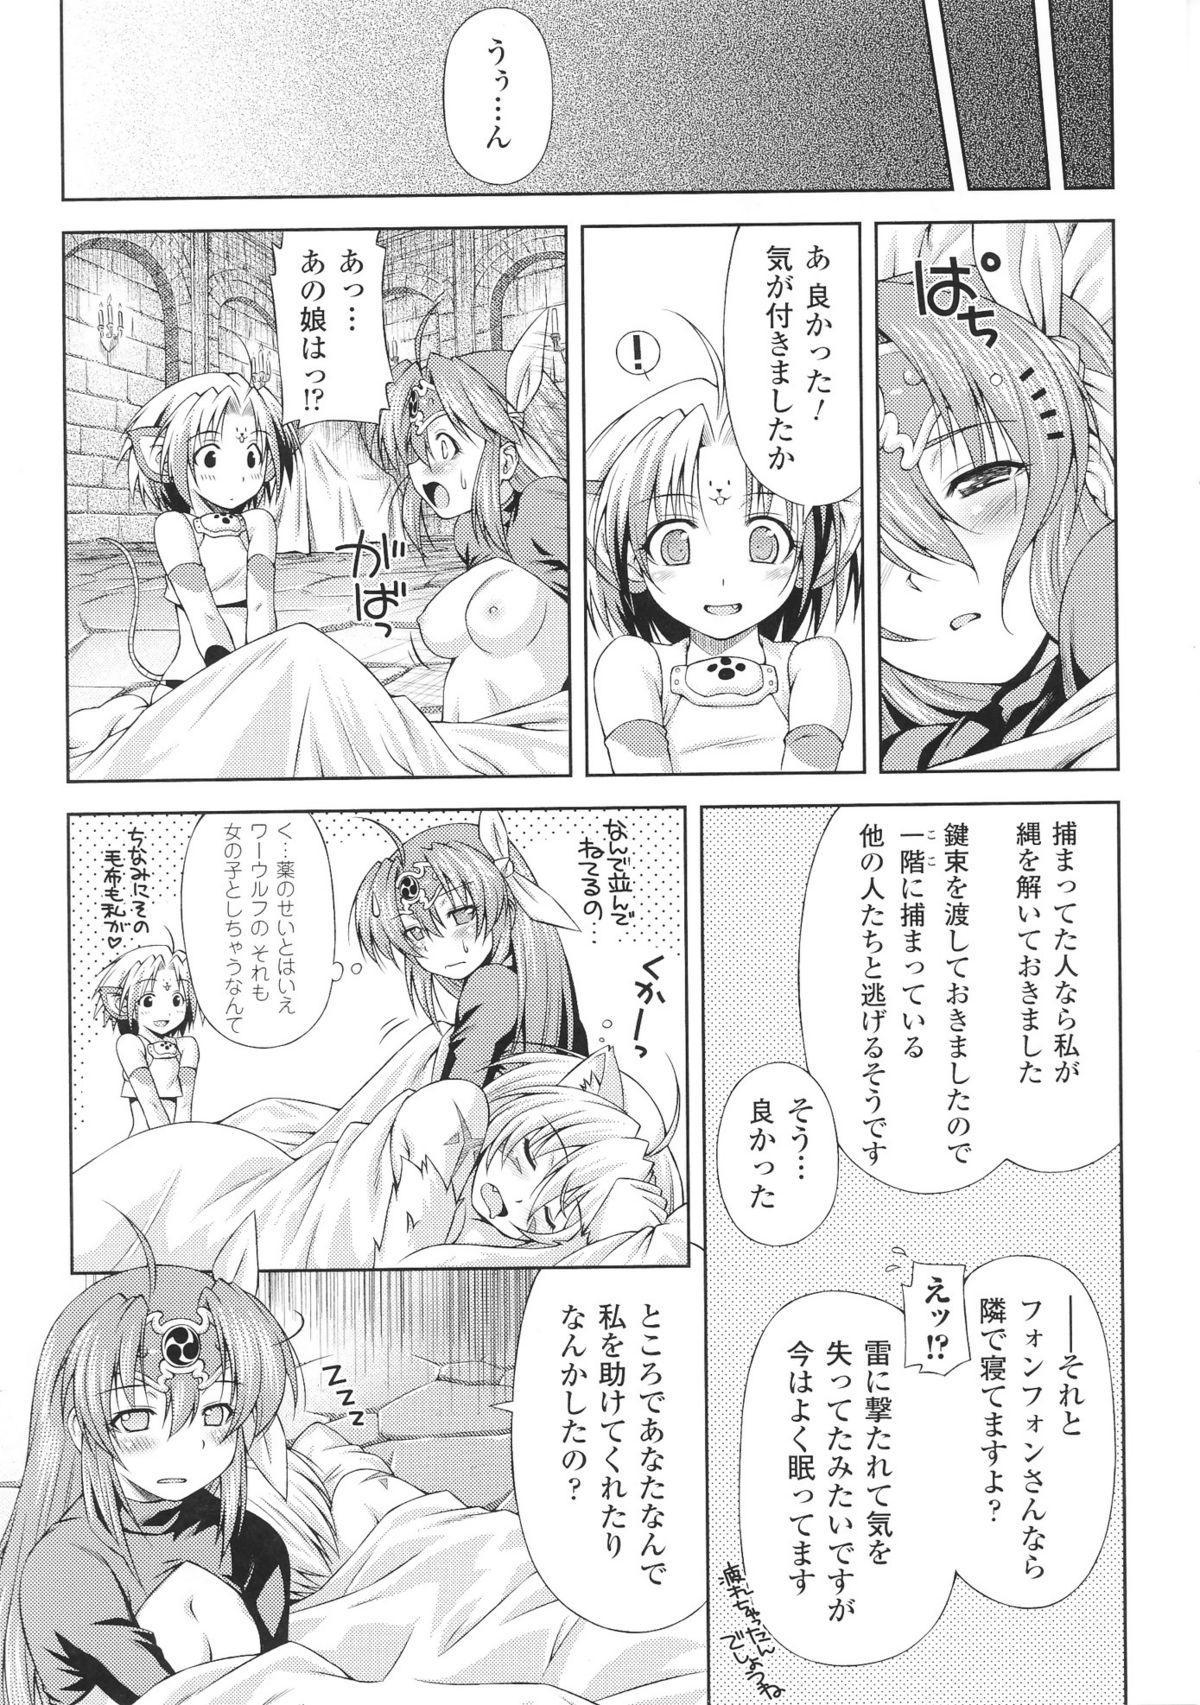 Toushin Engi Vol. 5 30